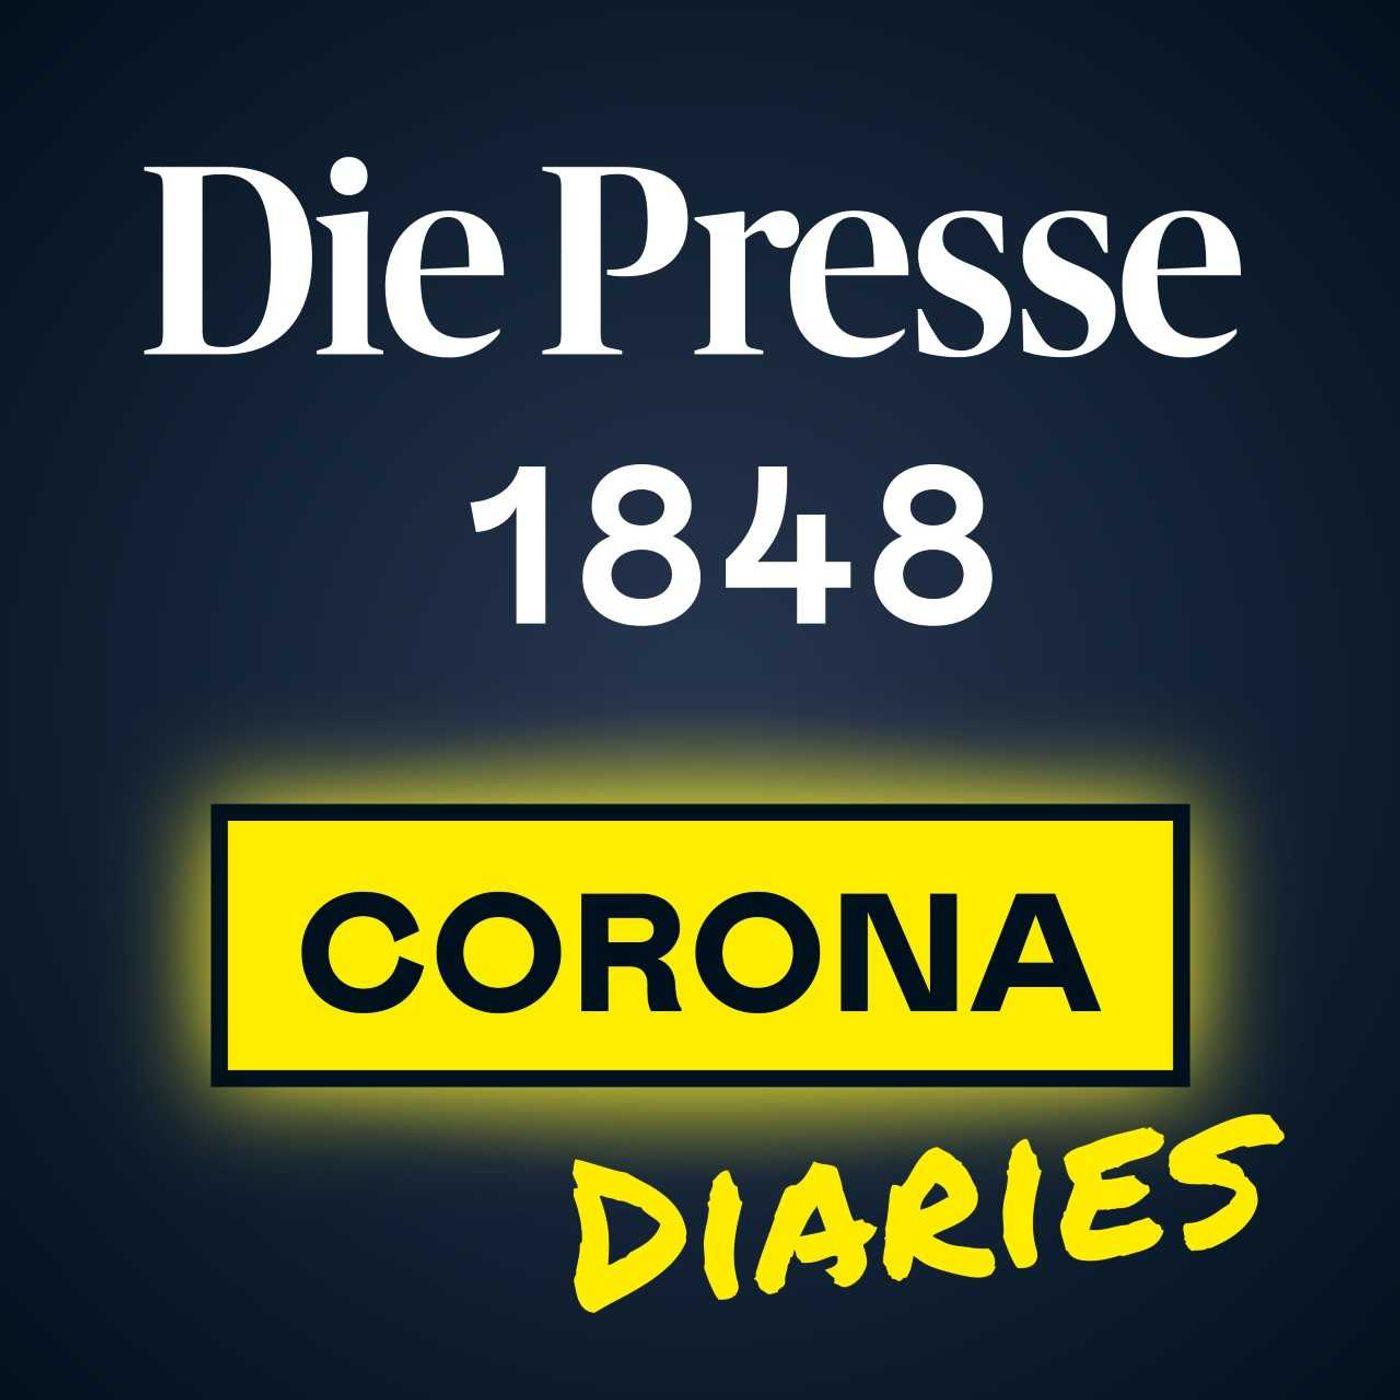 #30: Letzte Folge: Und sie spielen! Helga Rabl-Stadler über die Salzburger Festspiele im Corona-Jahr